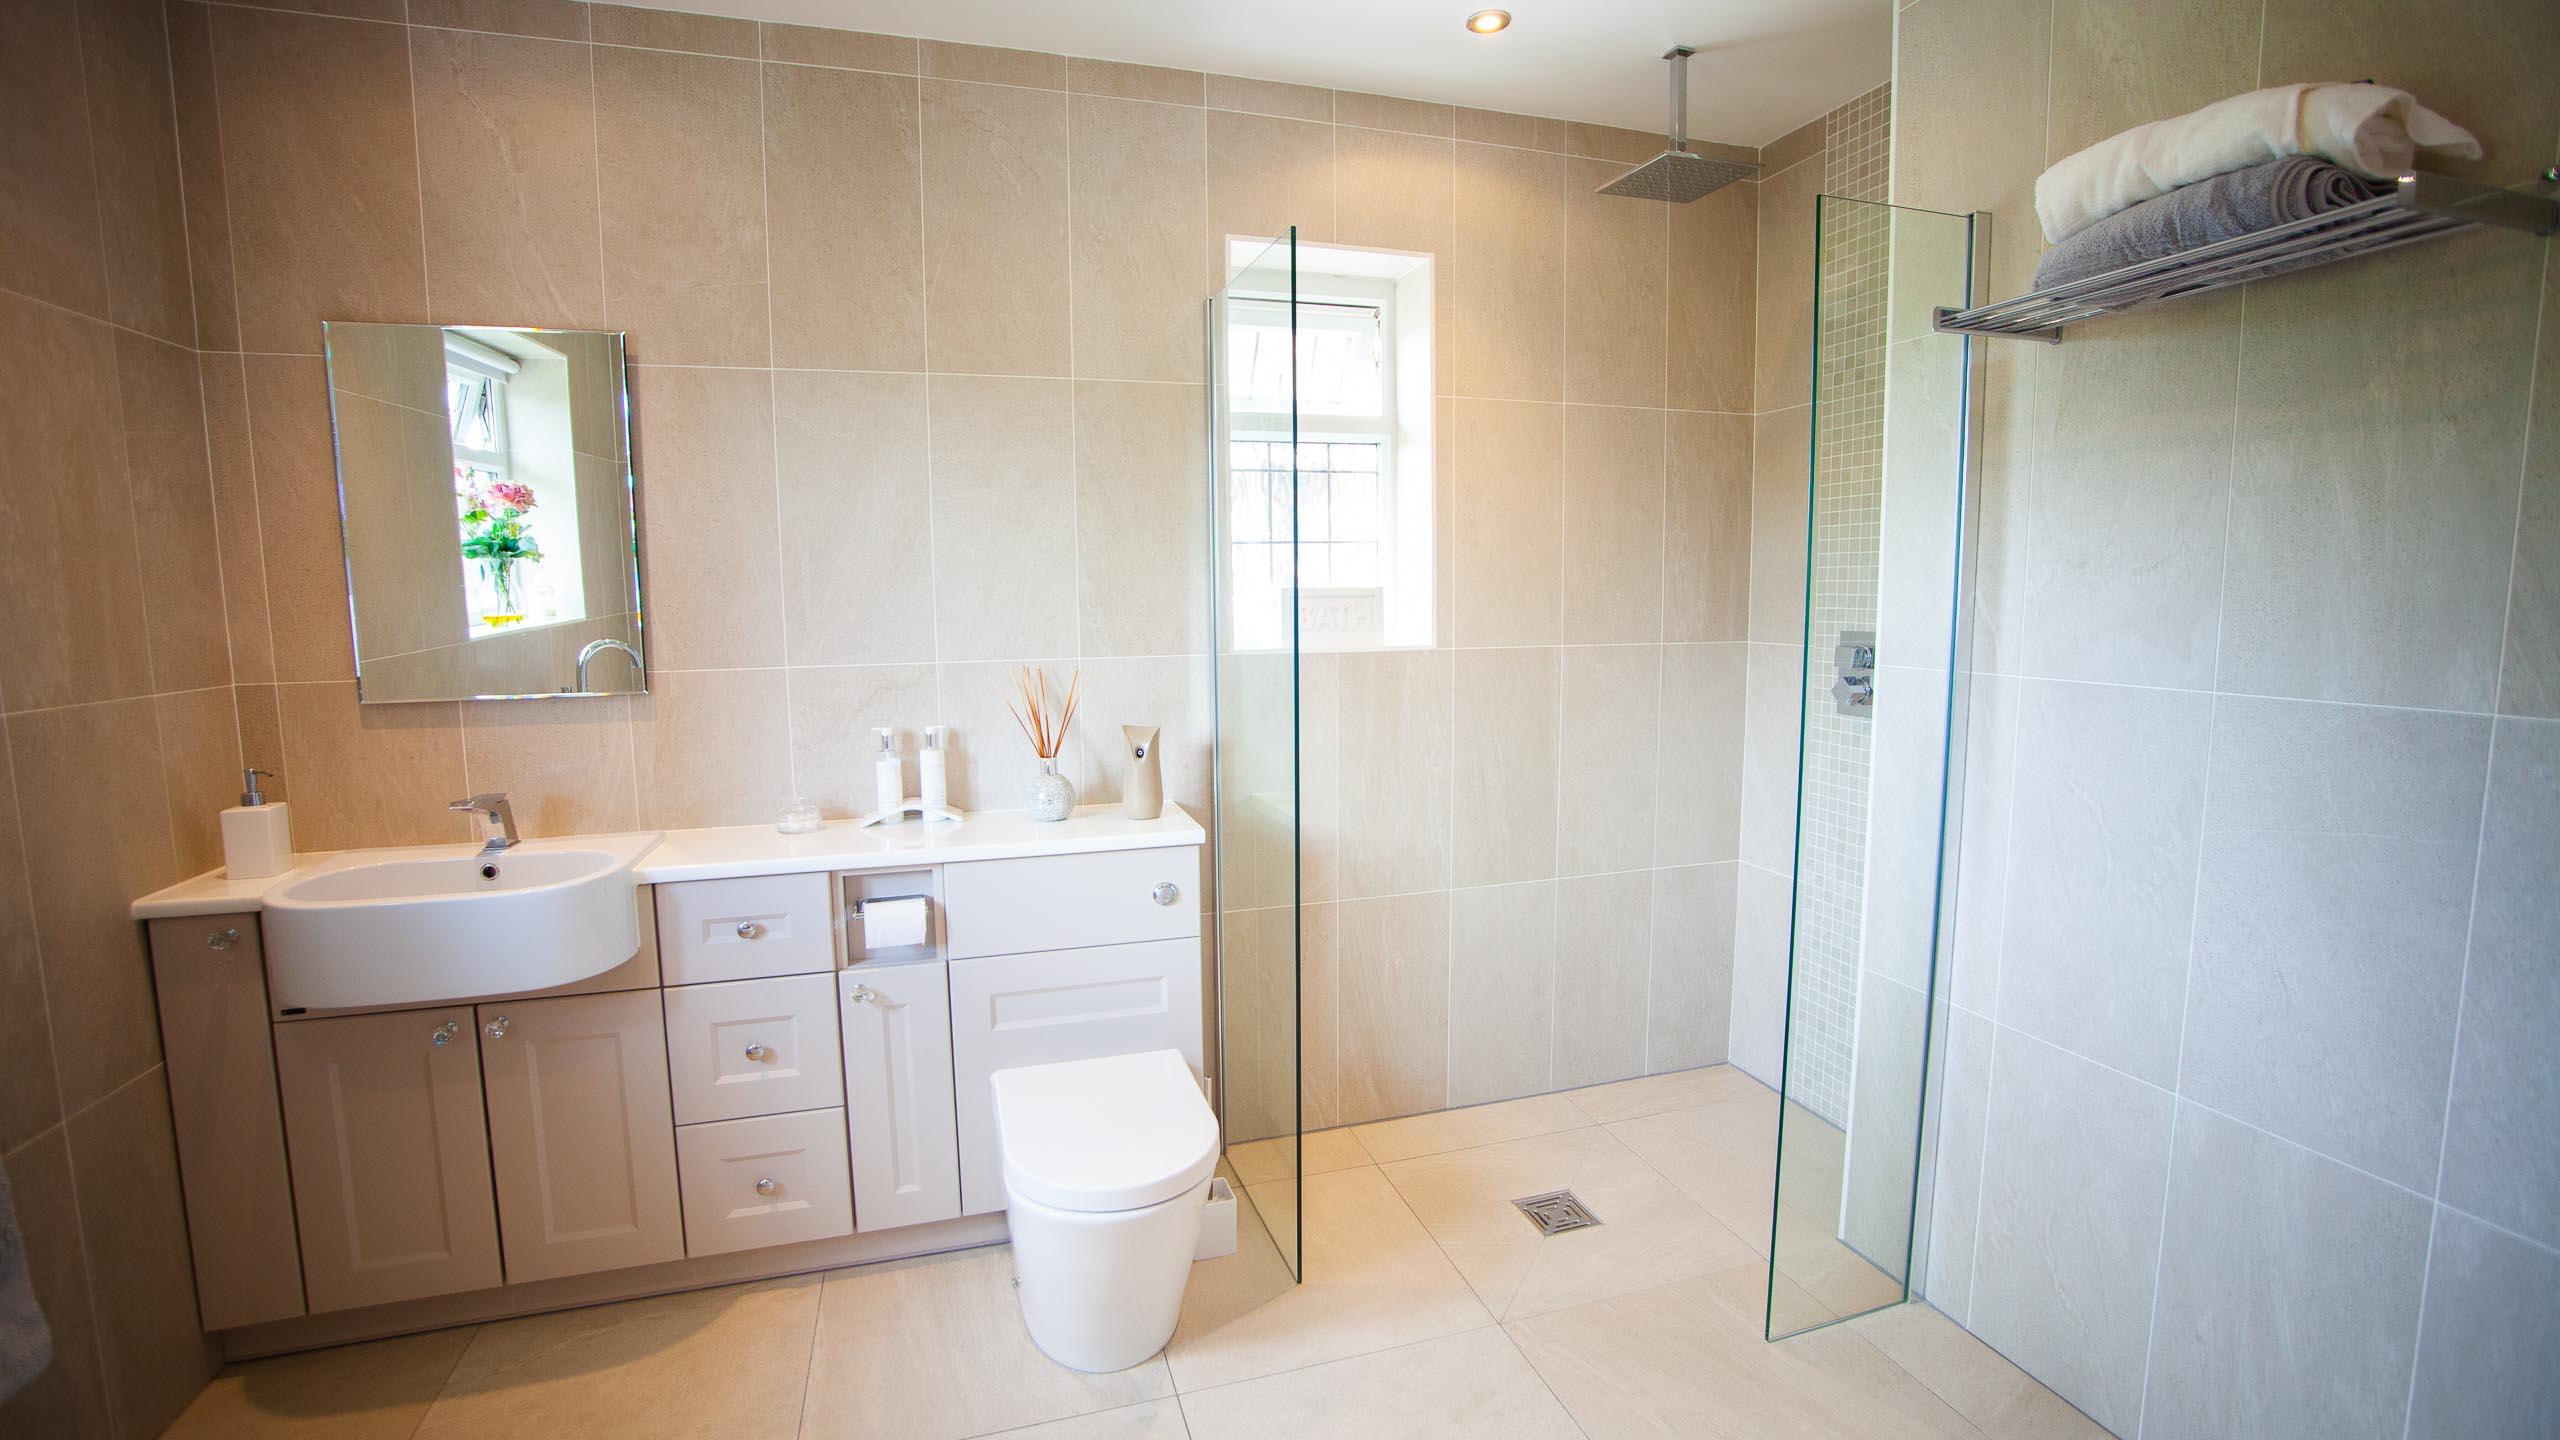 modern bathroom - bathroom installation by RJ Steele builders in Sussex